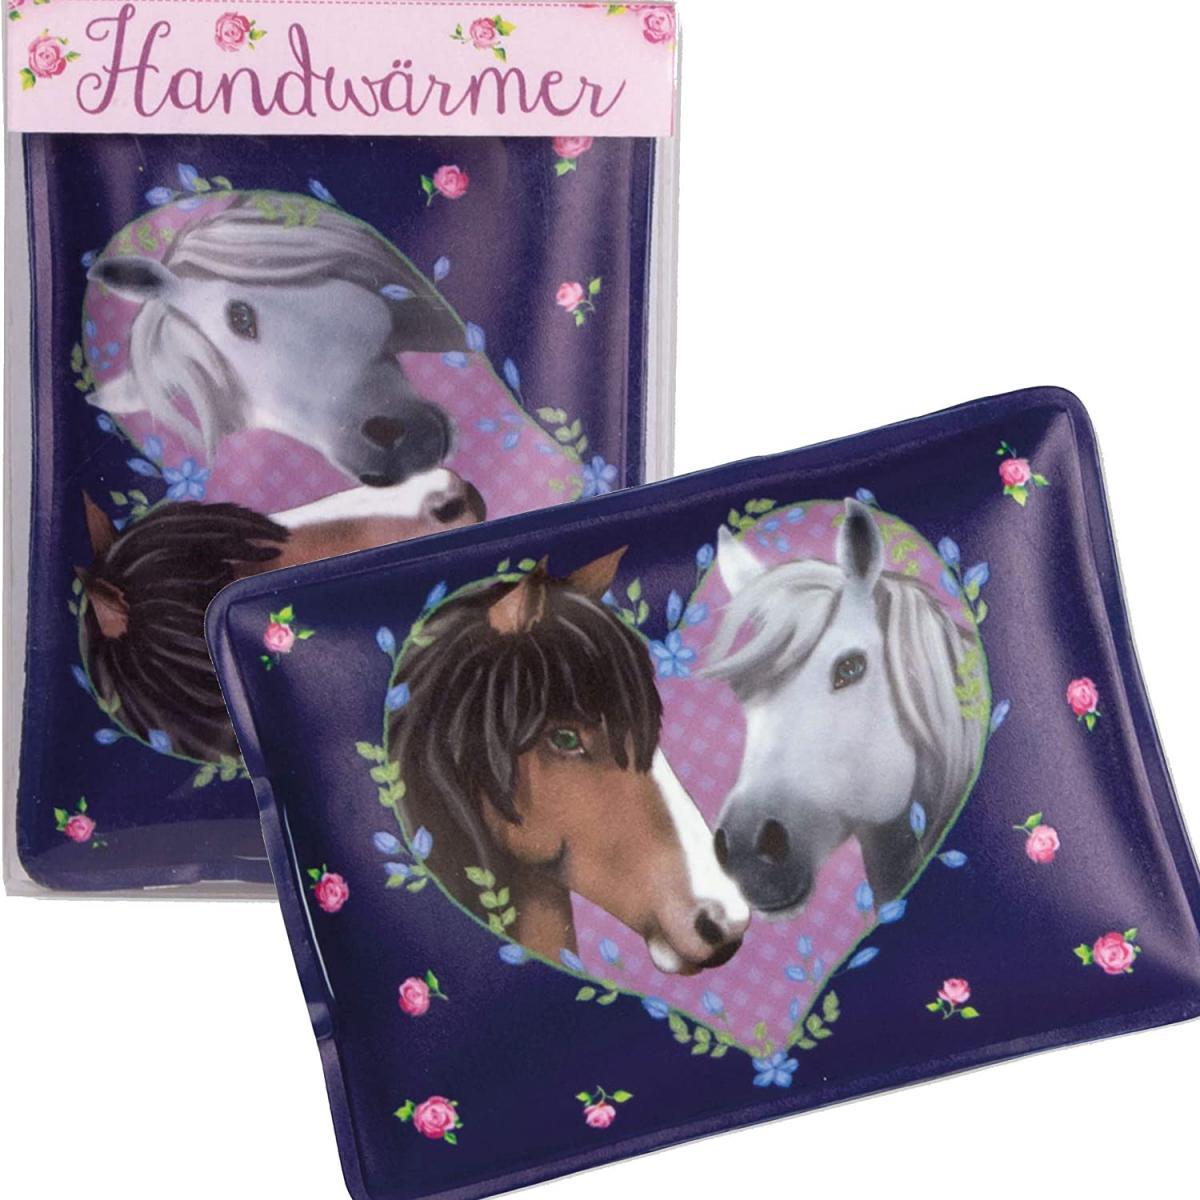 Handwärmer Pferde